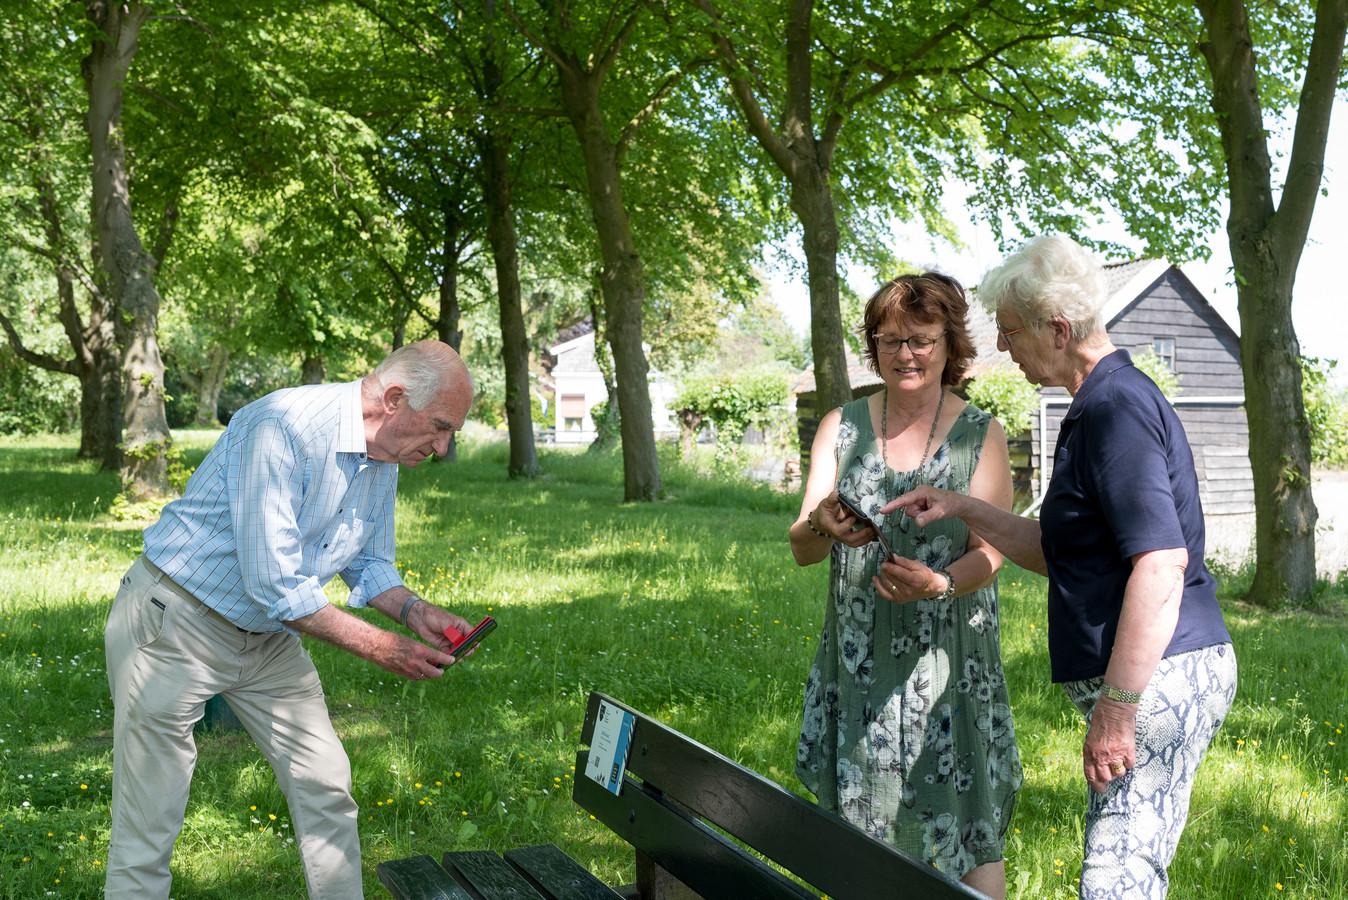 Adri Moelijker, Erna van der Spek en Riet Remeeus (vlnr) bij het bankje bij De Tol aan de Donkereweg in Schuddebeurs: één van de locaties waar een bordje met QR-code hangt.